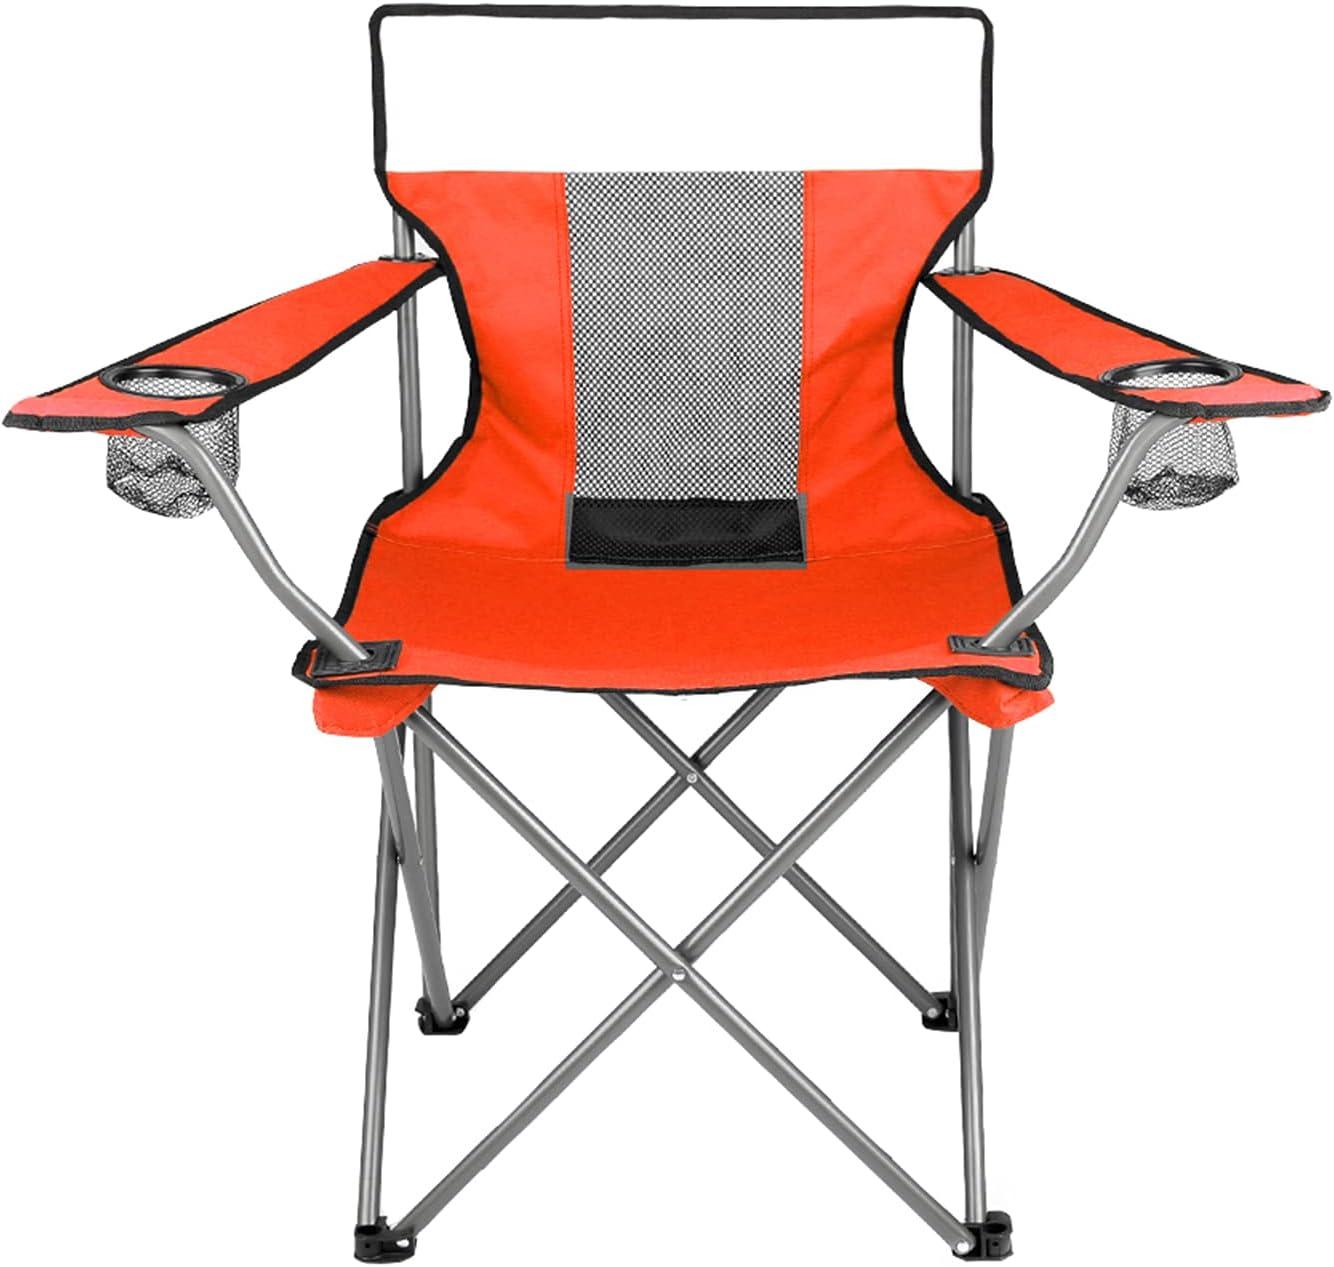 ZHAOJ Silla De Camping Plegable, Ligera, Portátil, con Respaldo De Malla, con Brazo Cuádruple Y Portavasos para Mochileros En La Playa Al Aire Libre,80×44×46cm